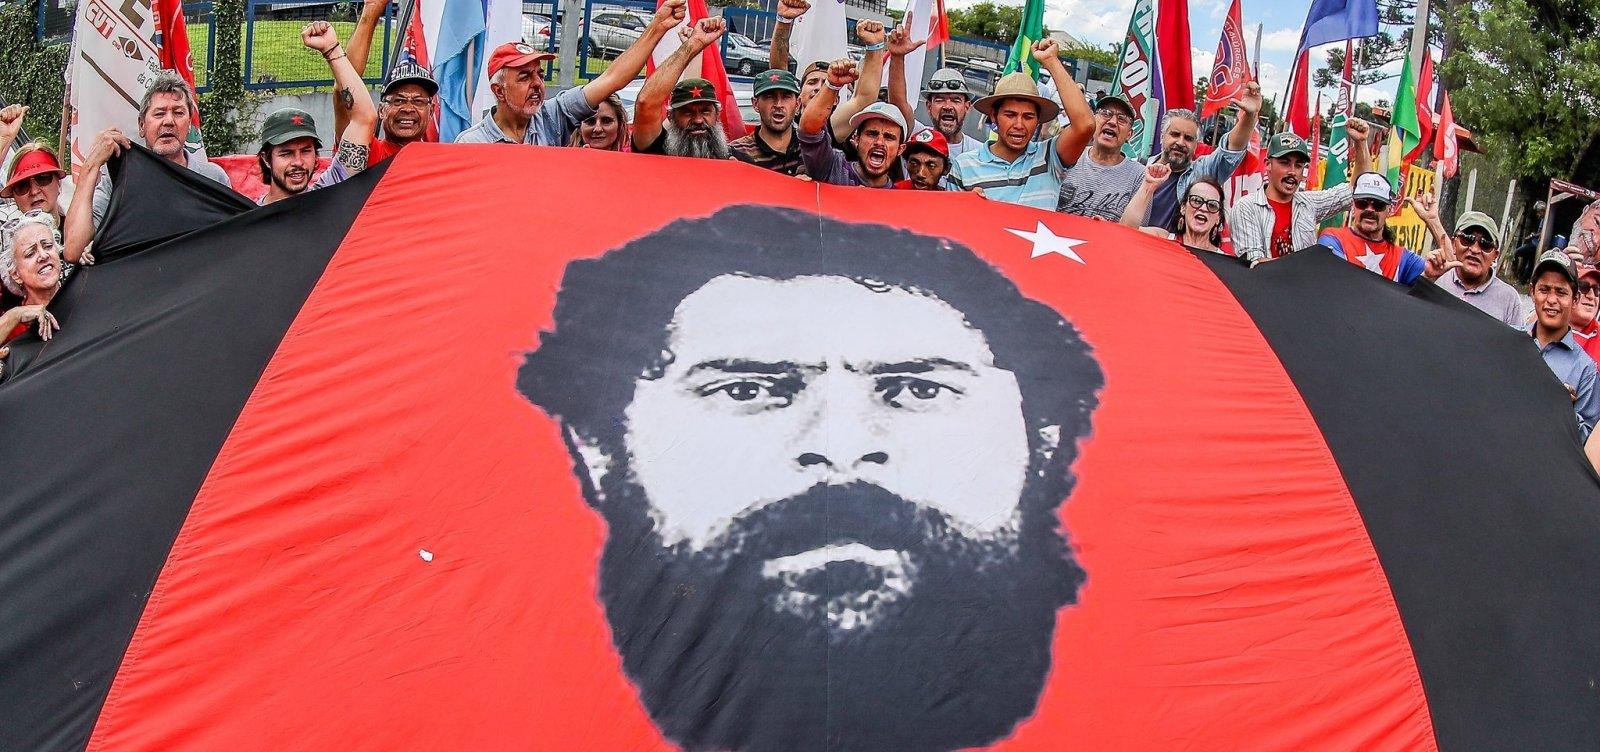 PT planeja agenda política após possível soltura de Lula